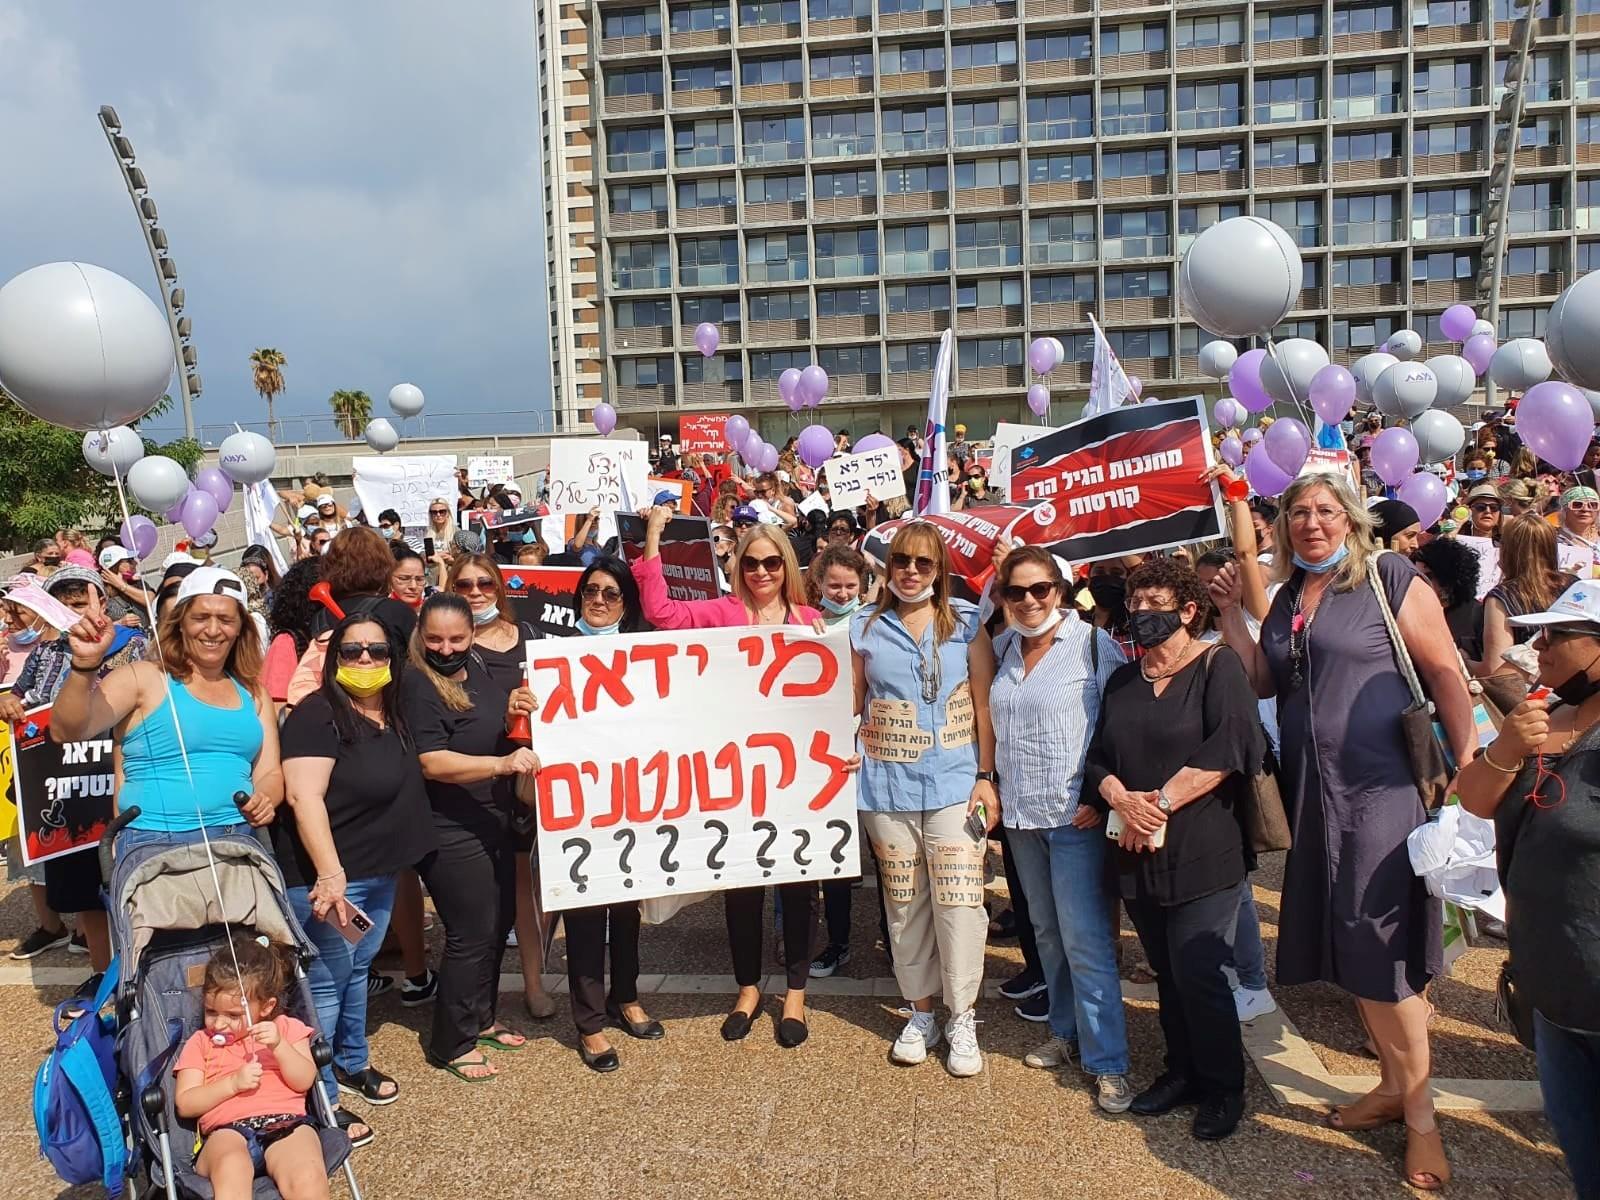 השבתת המעונות ללא הגבלת זמן: אלפי מטפלות לגיל הרך הפגינו במרכז תל אביב